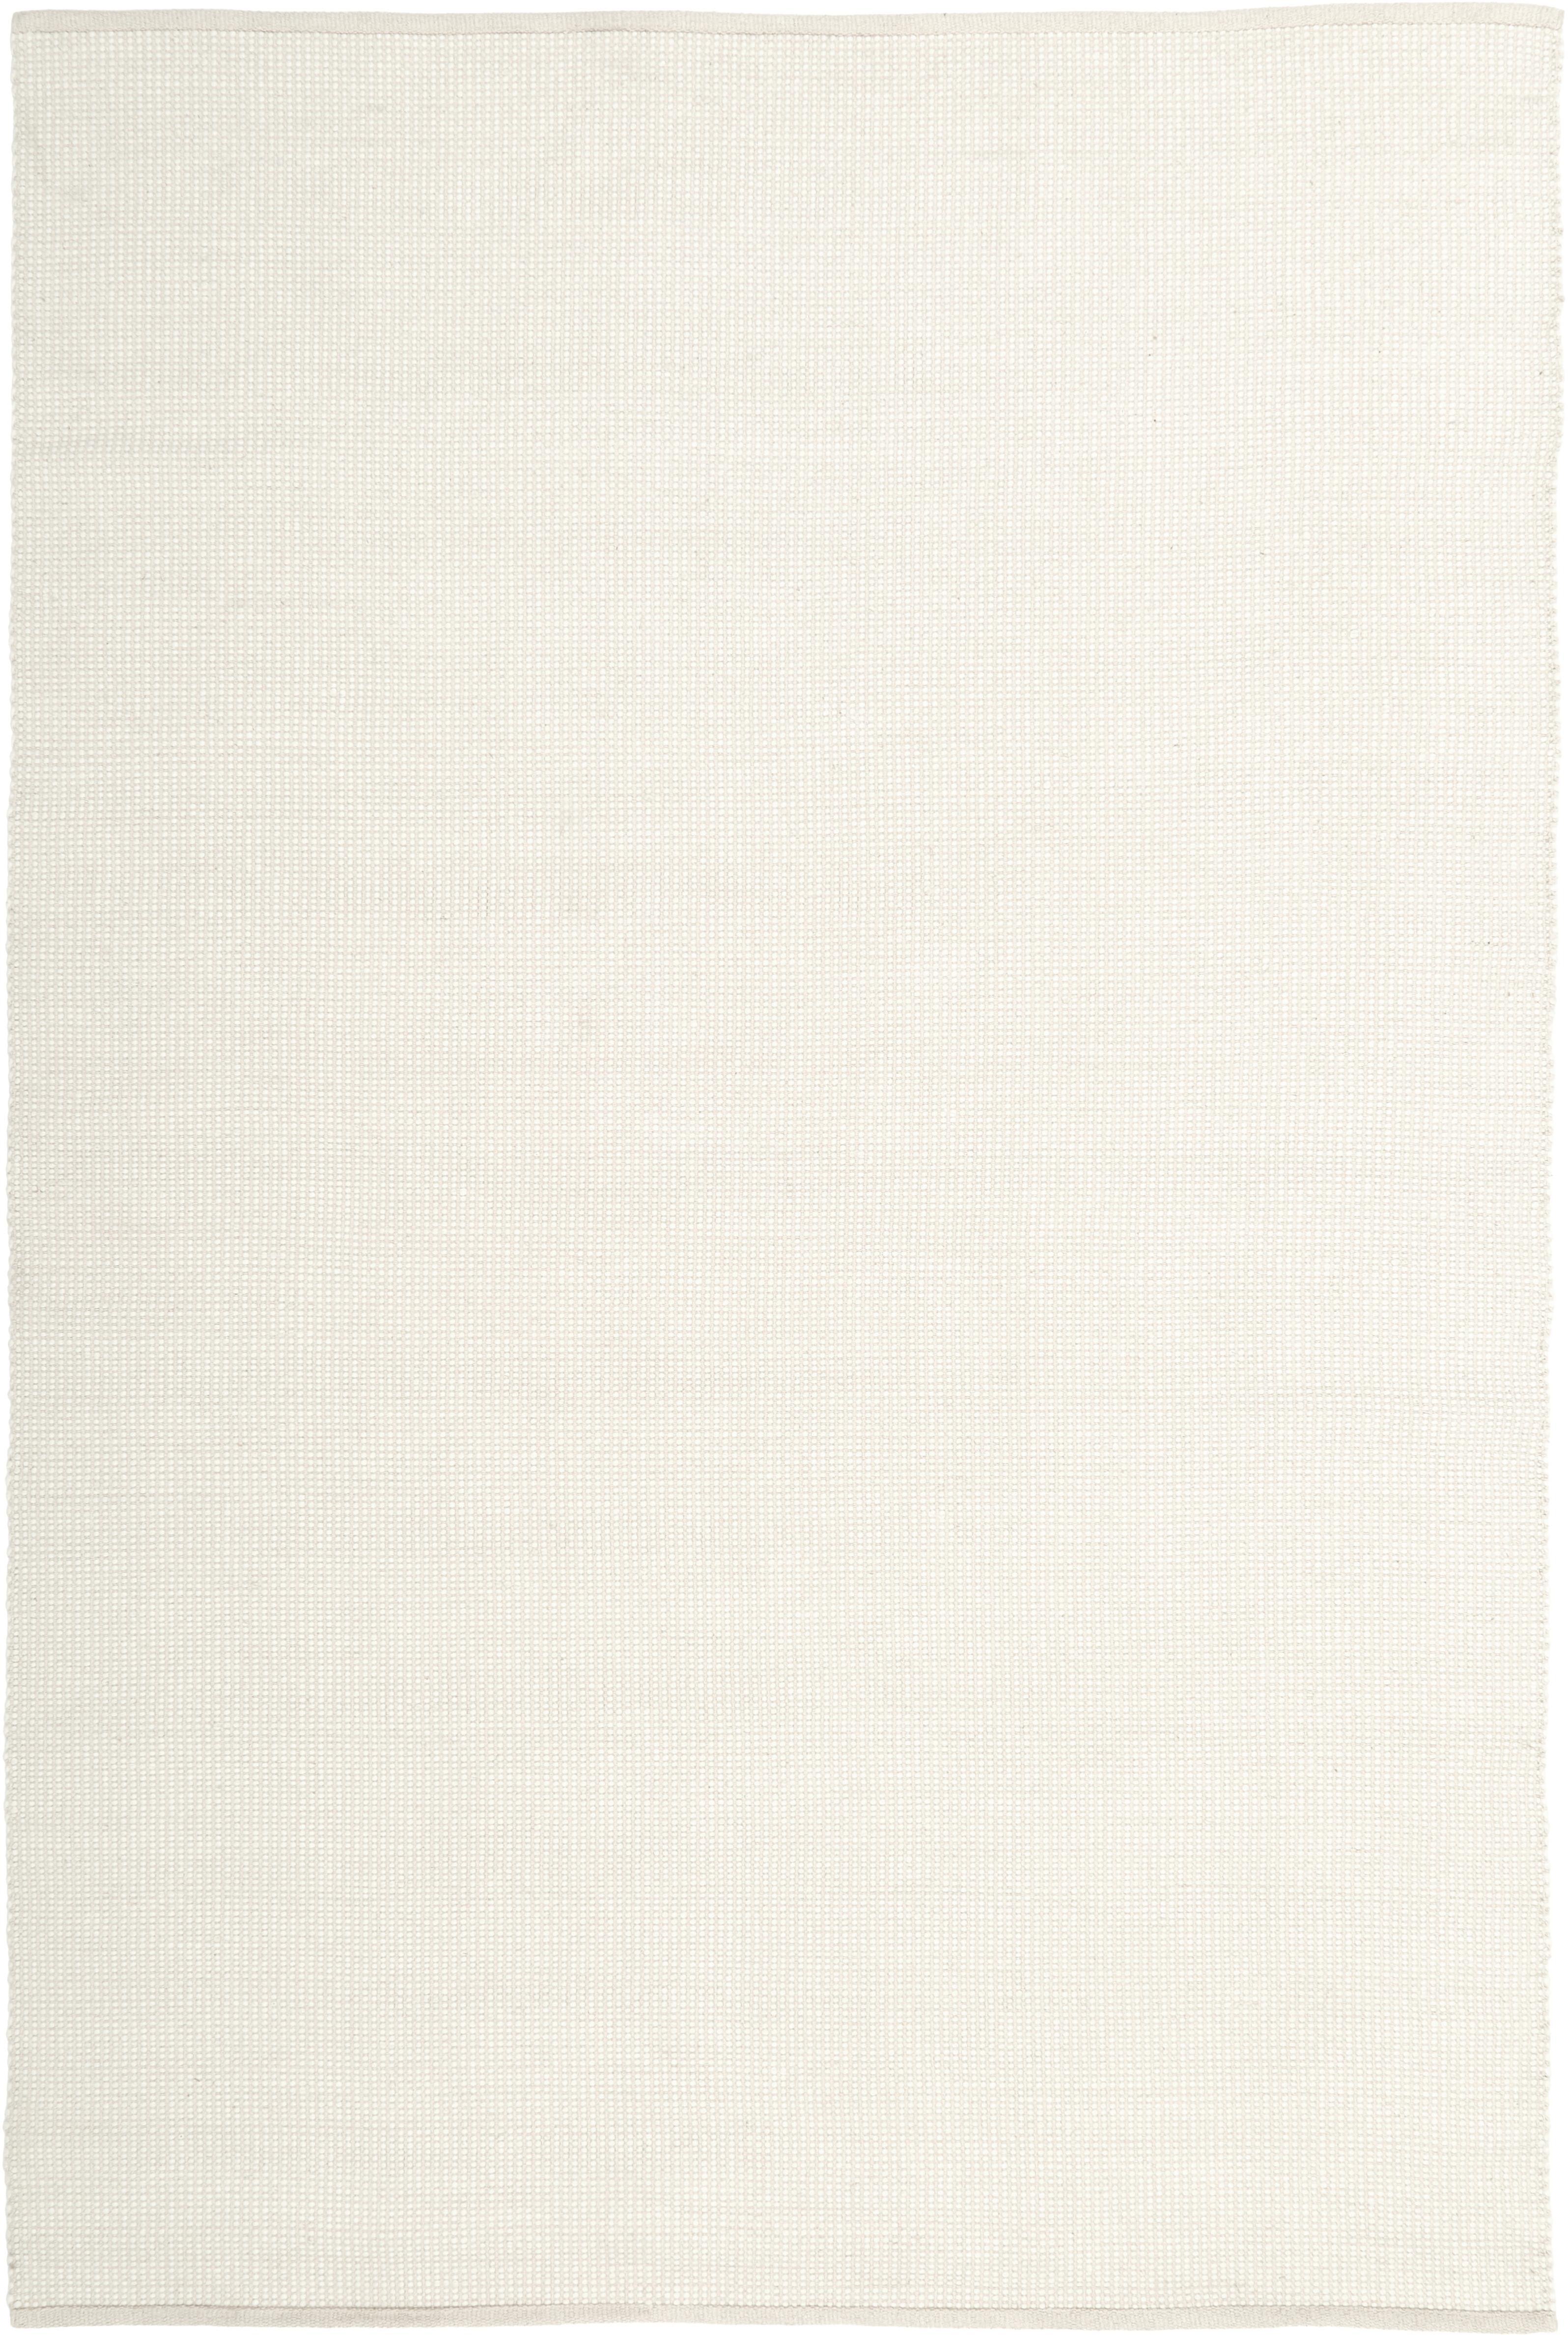 Handgeweven wollen vloerkleed Amaro, Crèmewit, B 120 x L 180 cm (maat S)